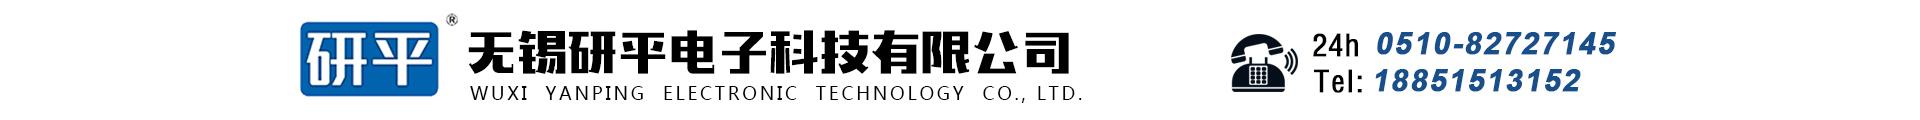 無錫研平電子科技有限公司